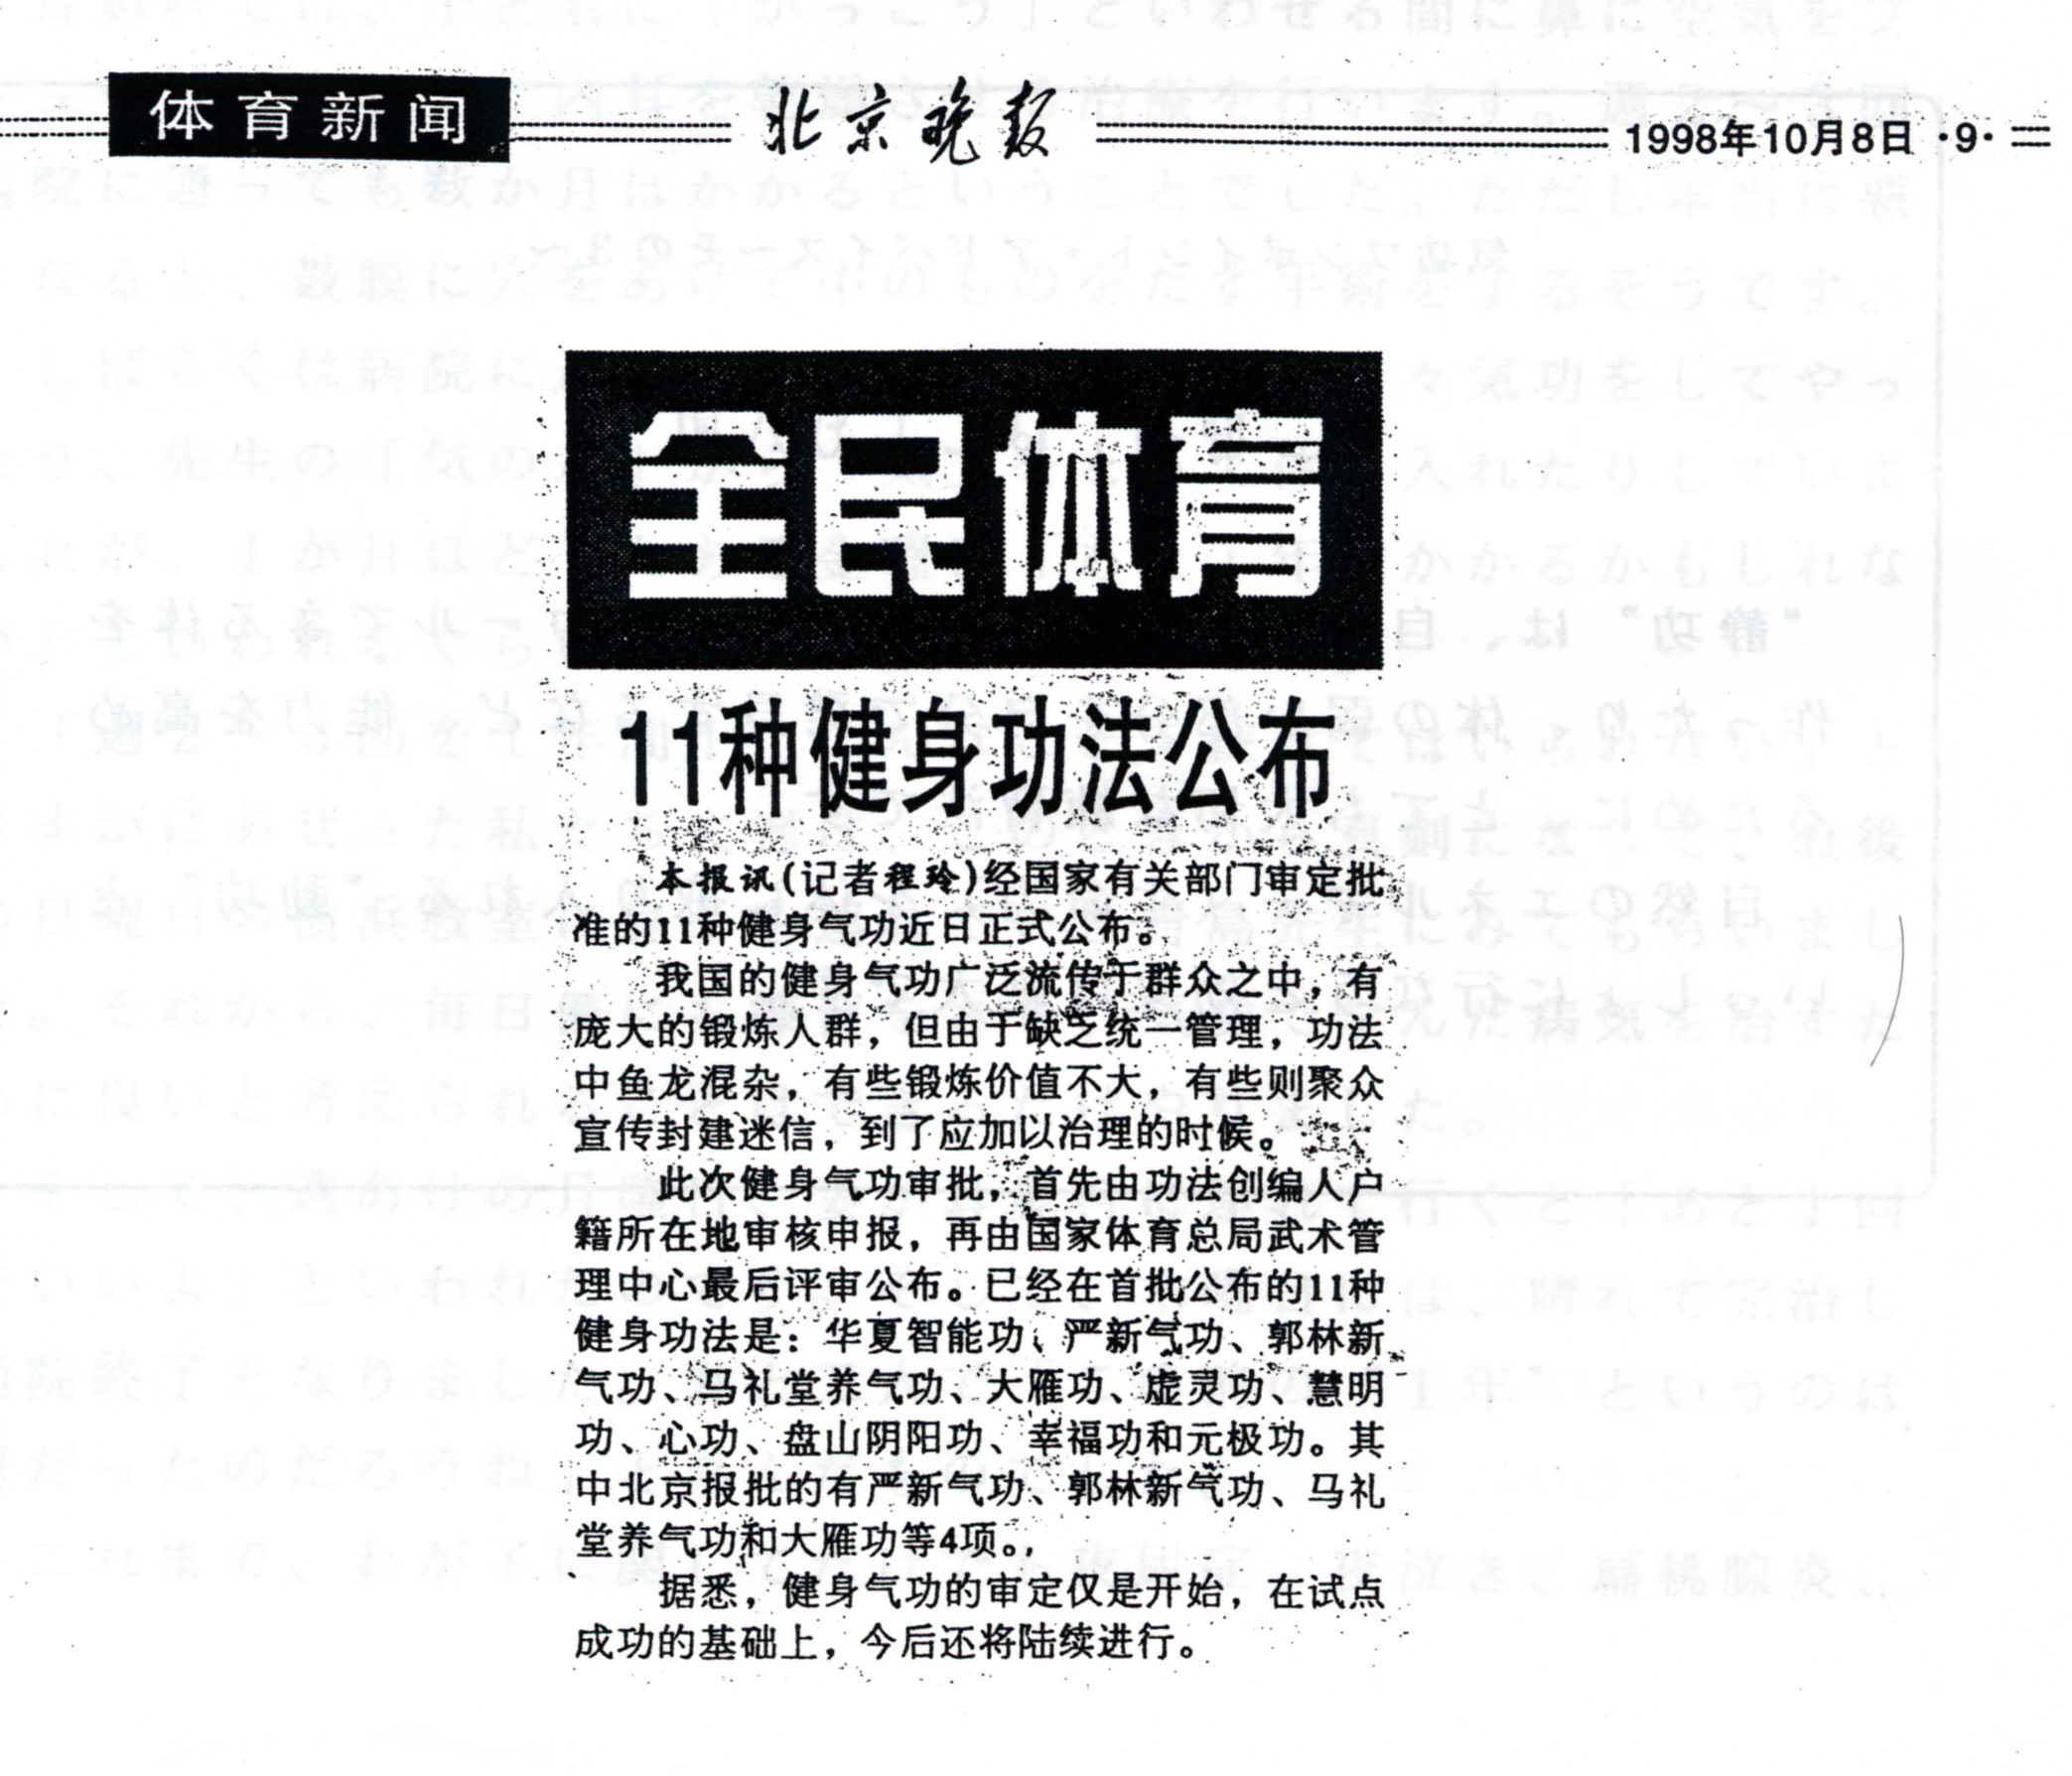 気功会報:中国政府が「大雁功」を11健身気功の1つに選んだ